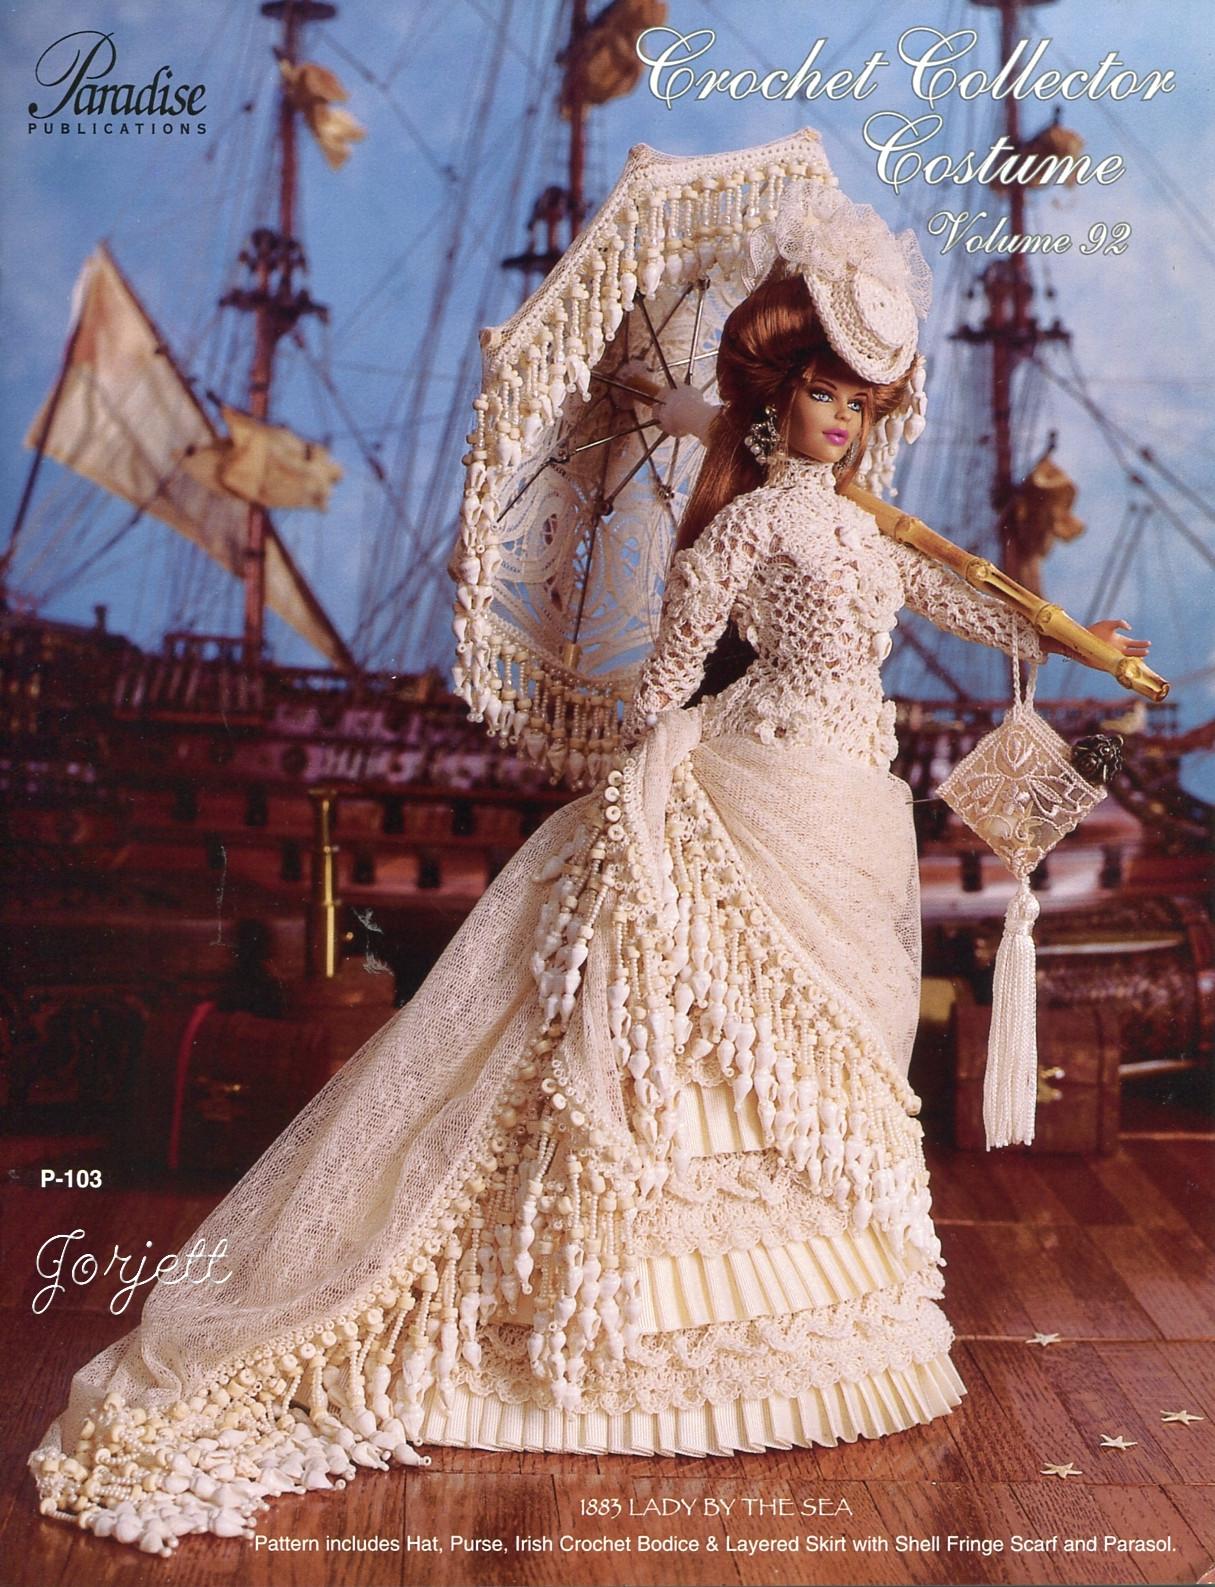 куклы в красивых платьях картинки 8. куклы в красивых платьях картинки.